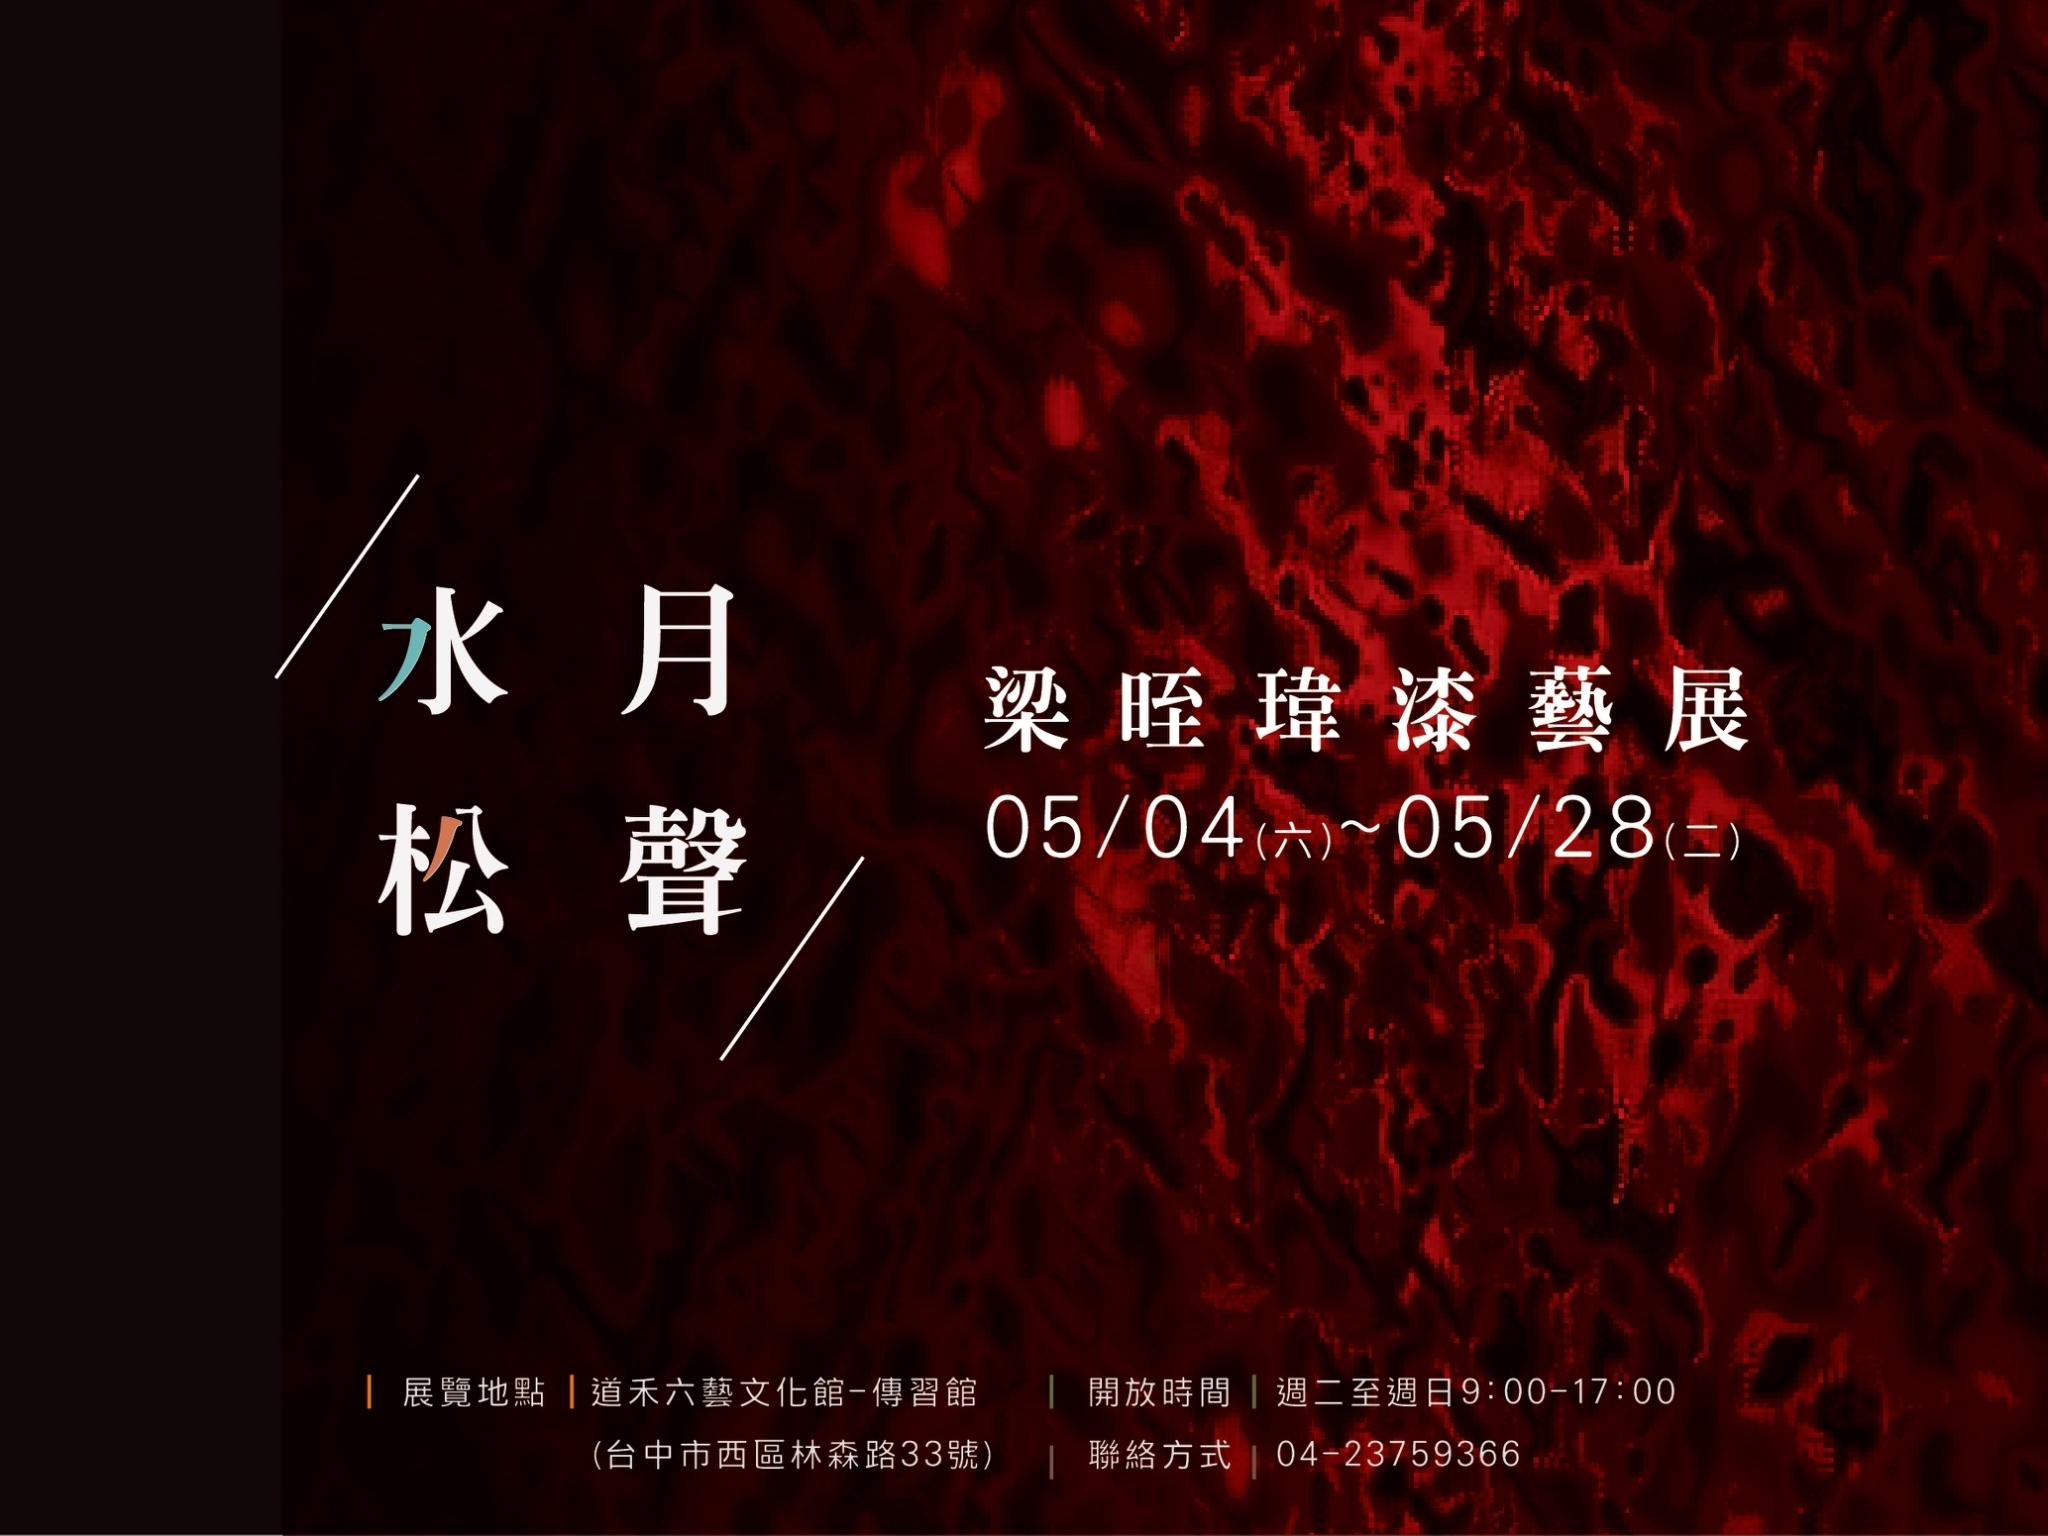 【傳習藝展】水月松聲─梁晊瑋漆藝展